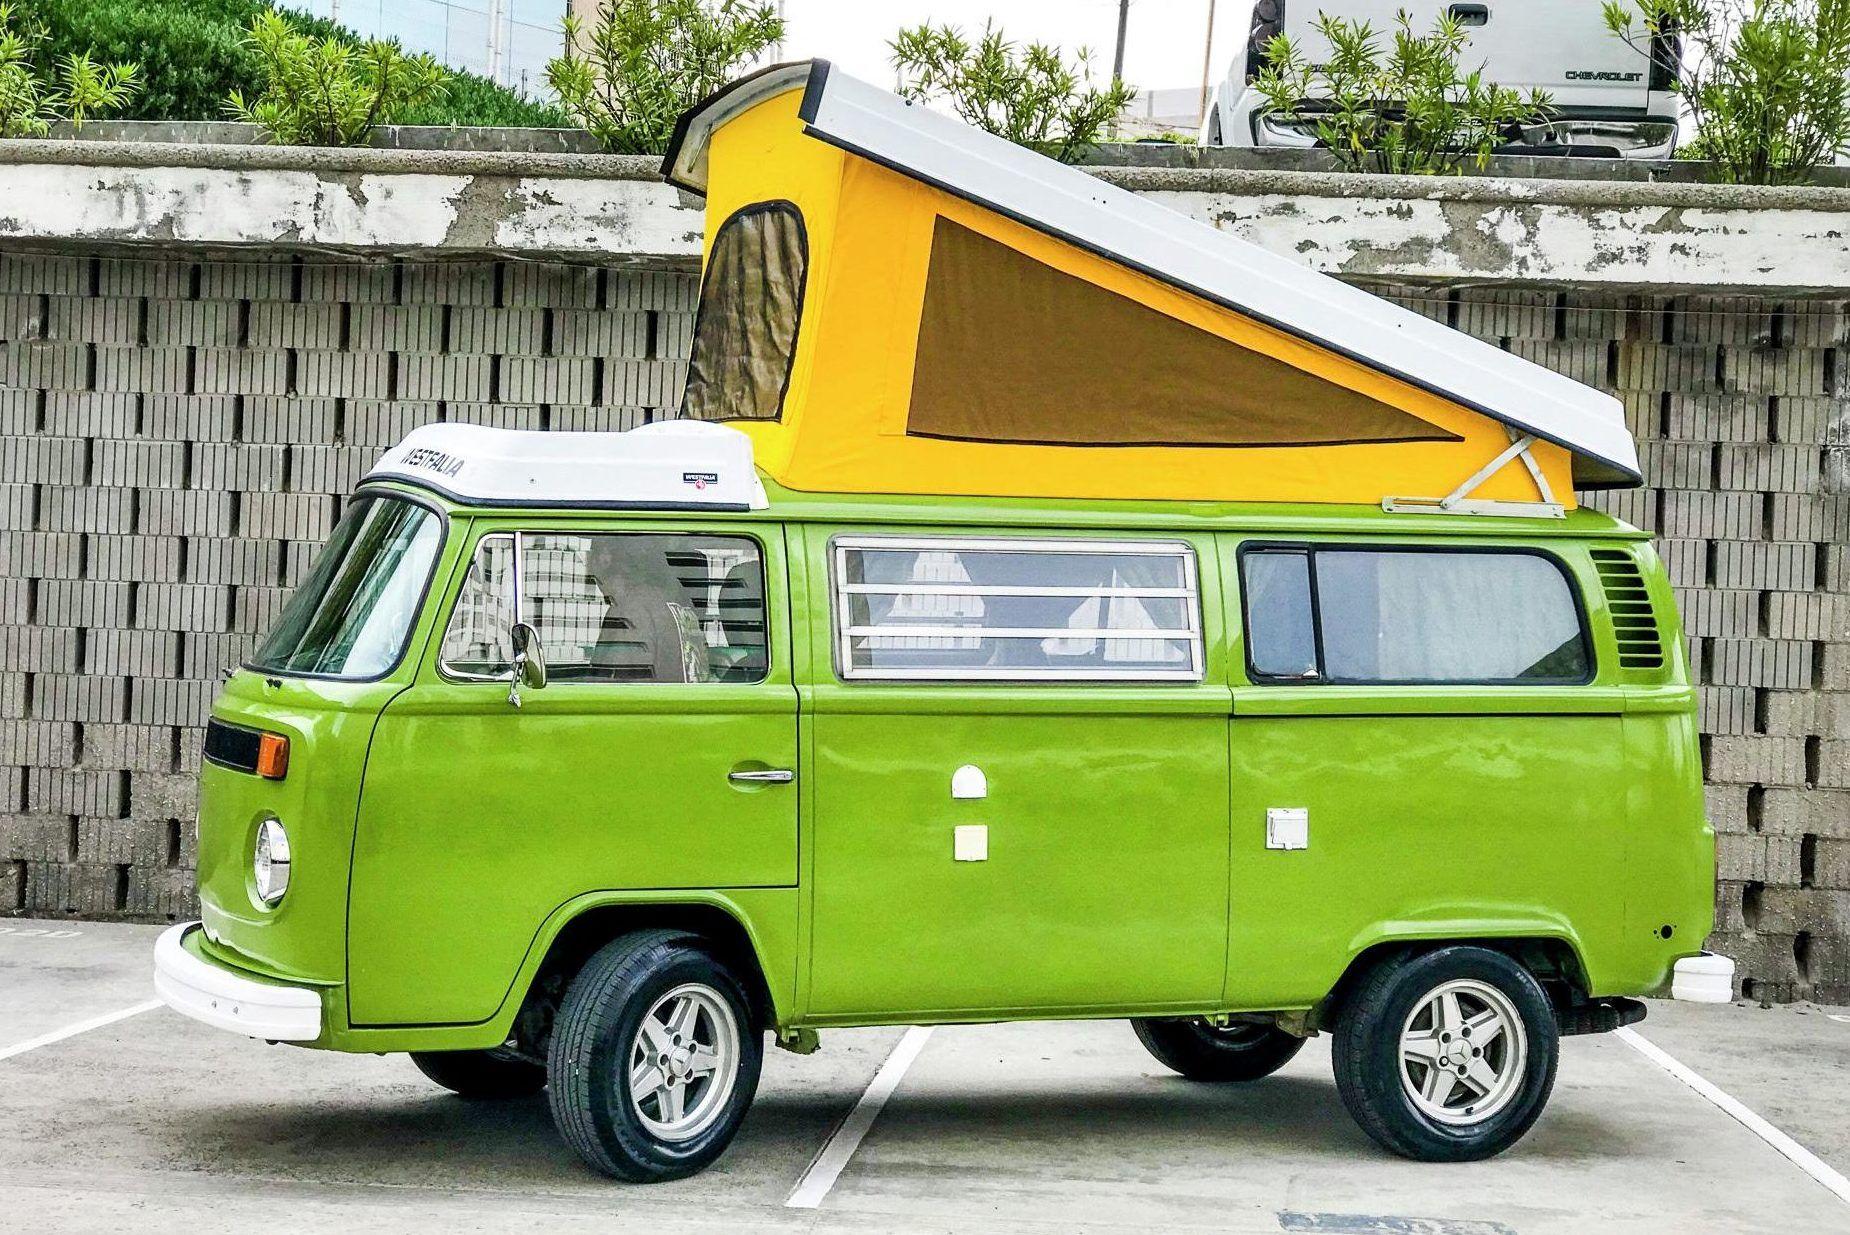 1976 Volkswagen Bus Westfalia Volkswagen bus, Volkswagen